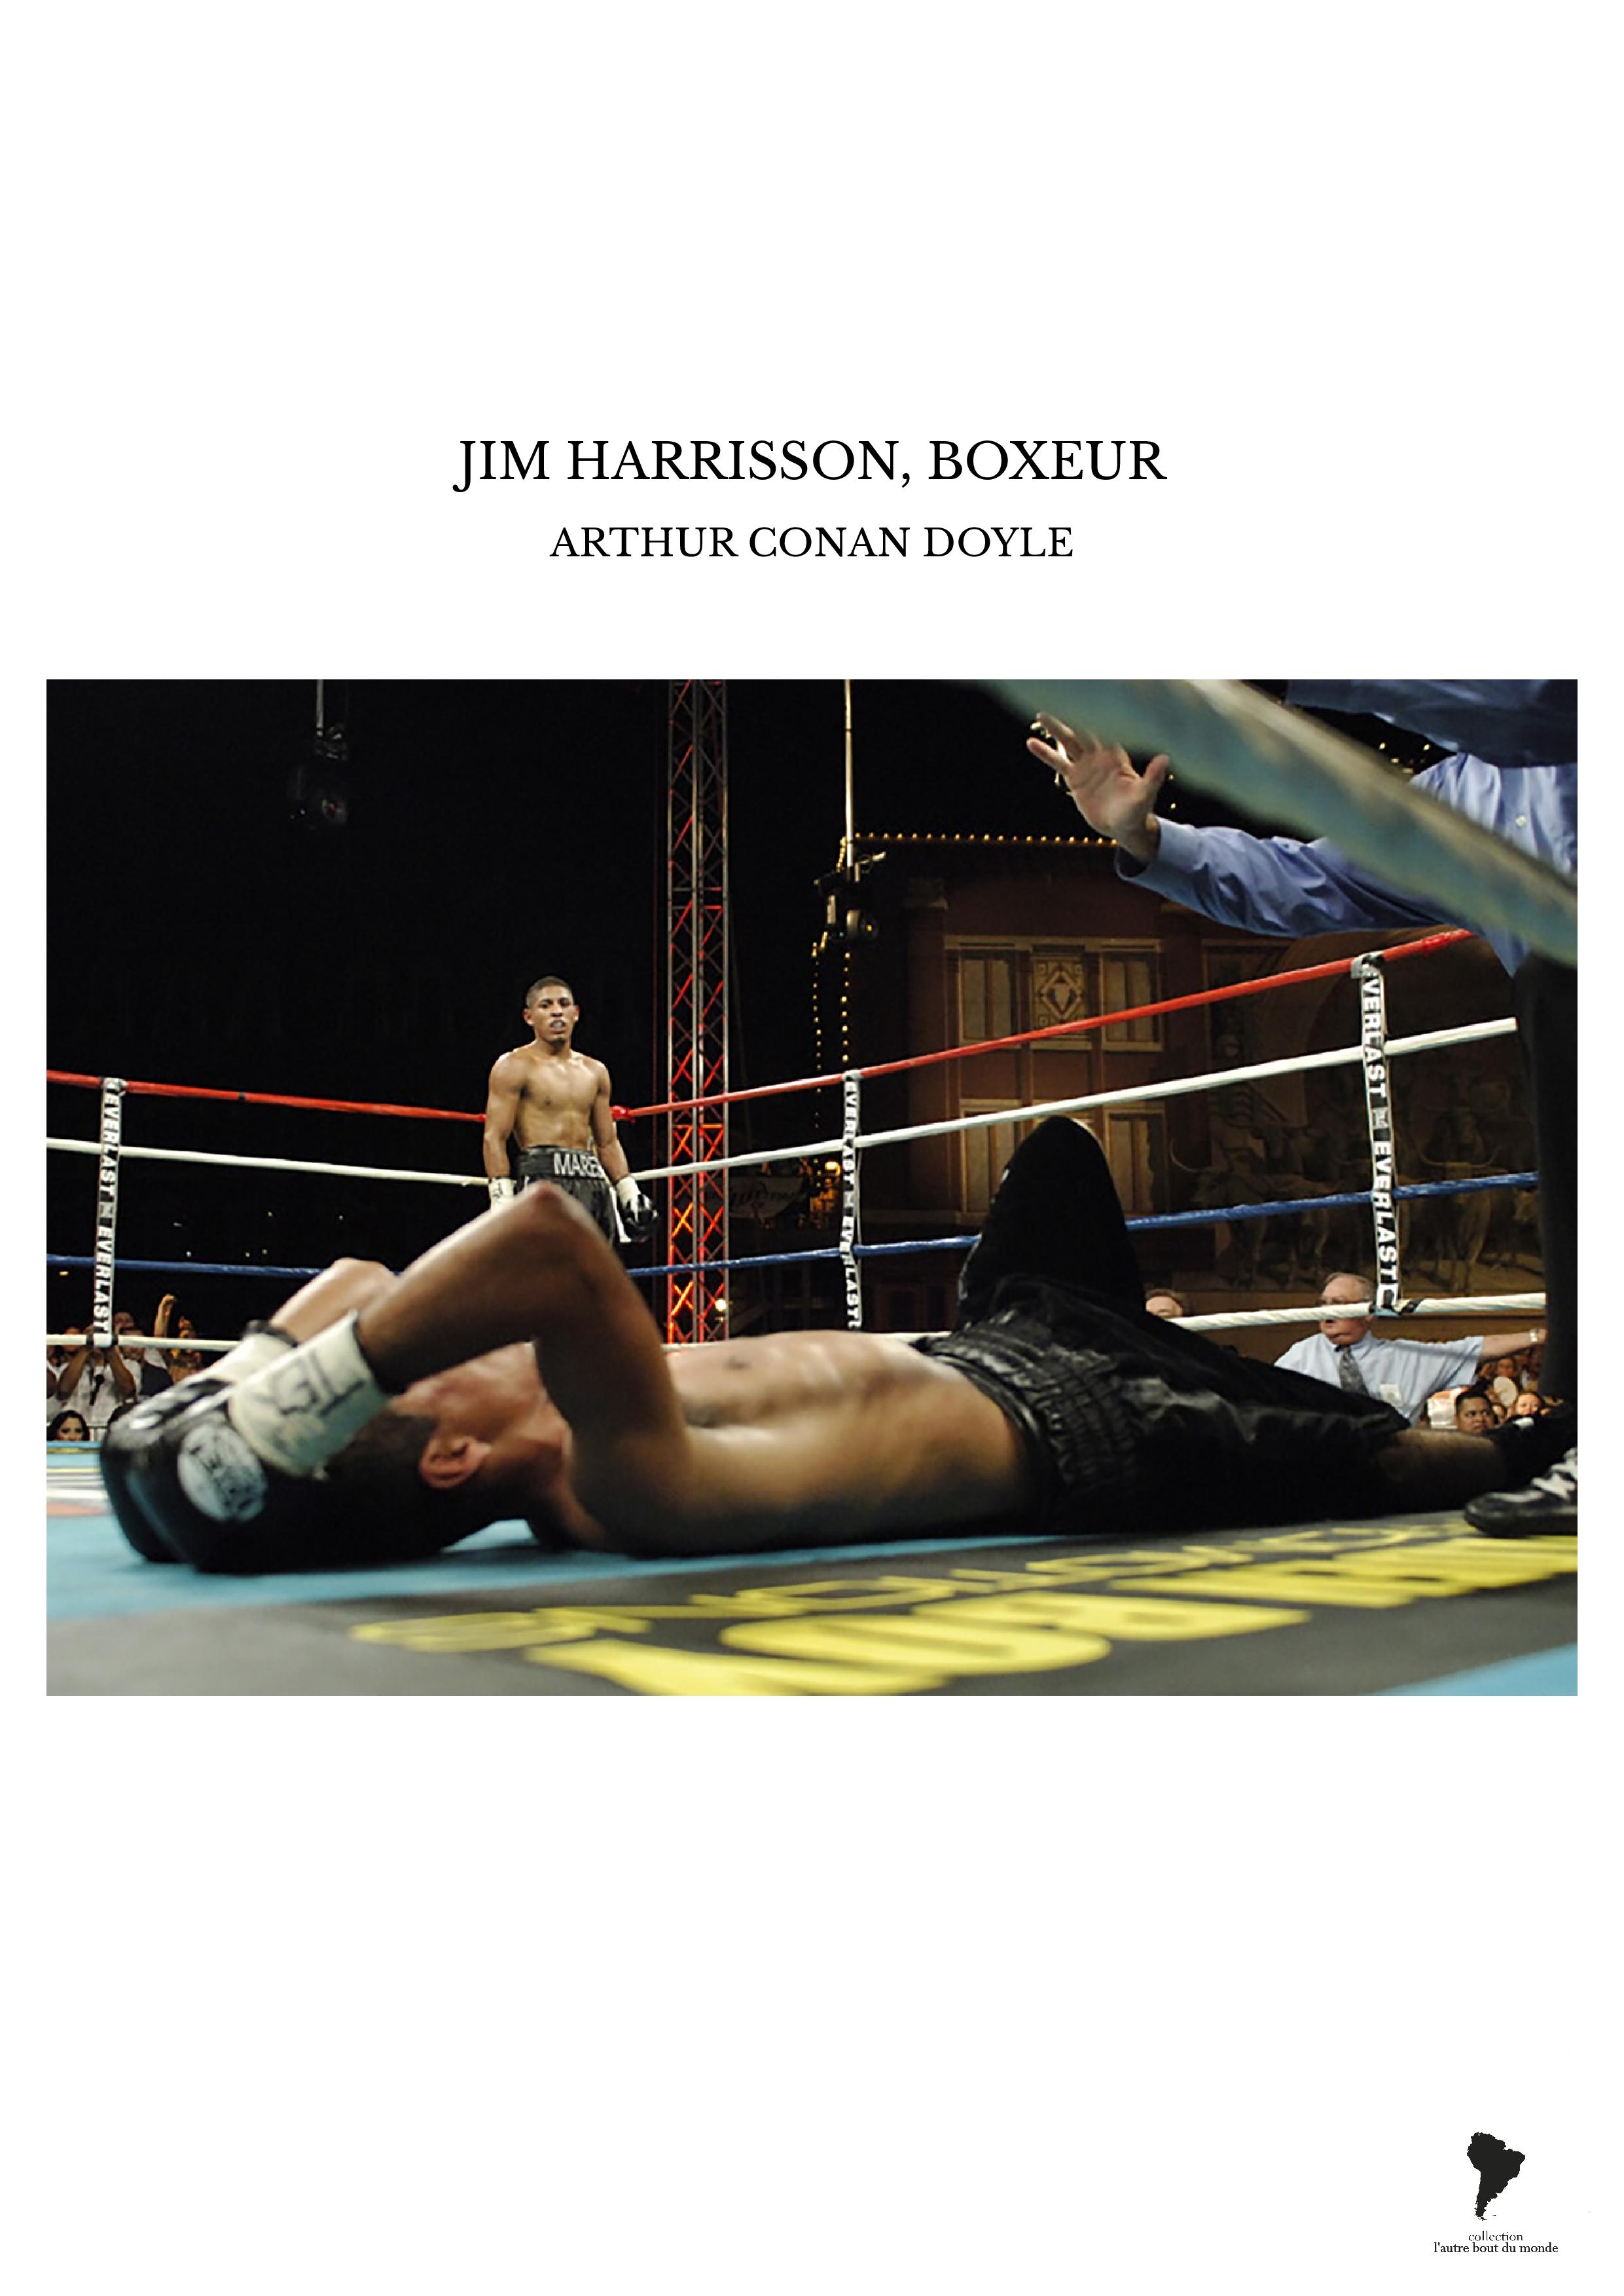 JIM HARRISSON, BOXEUR